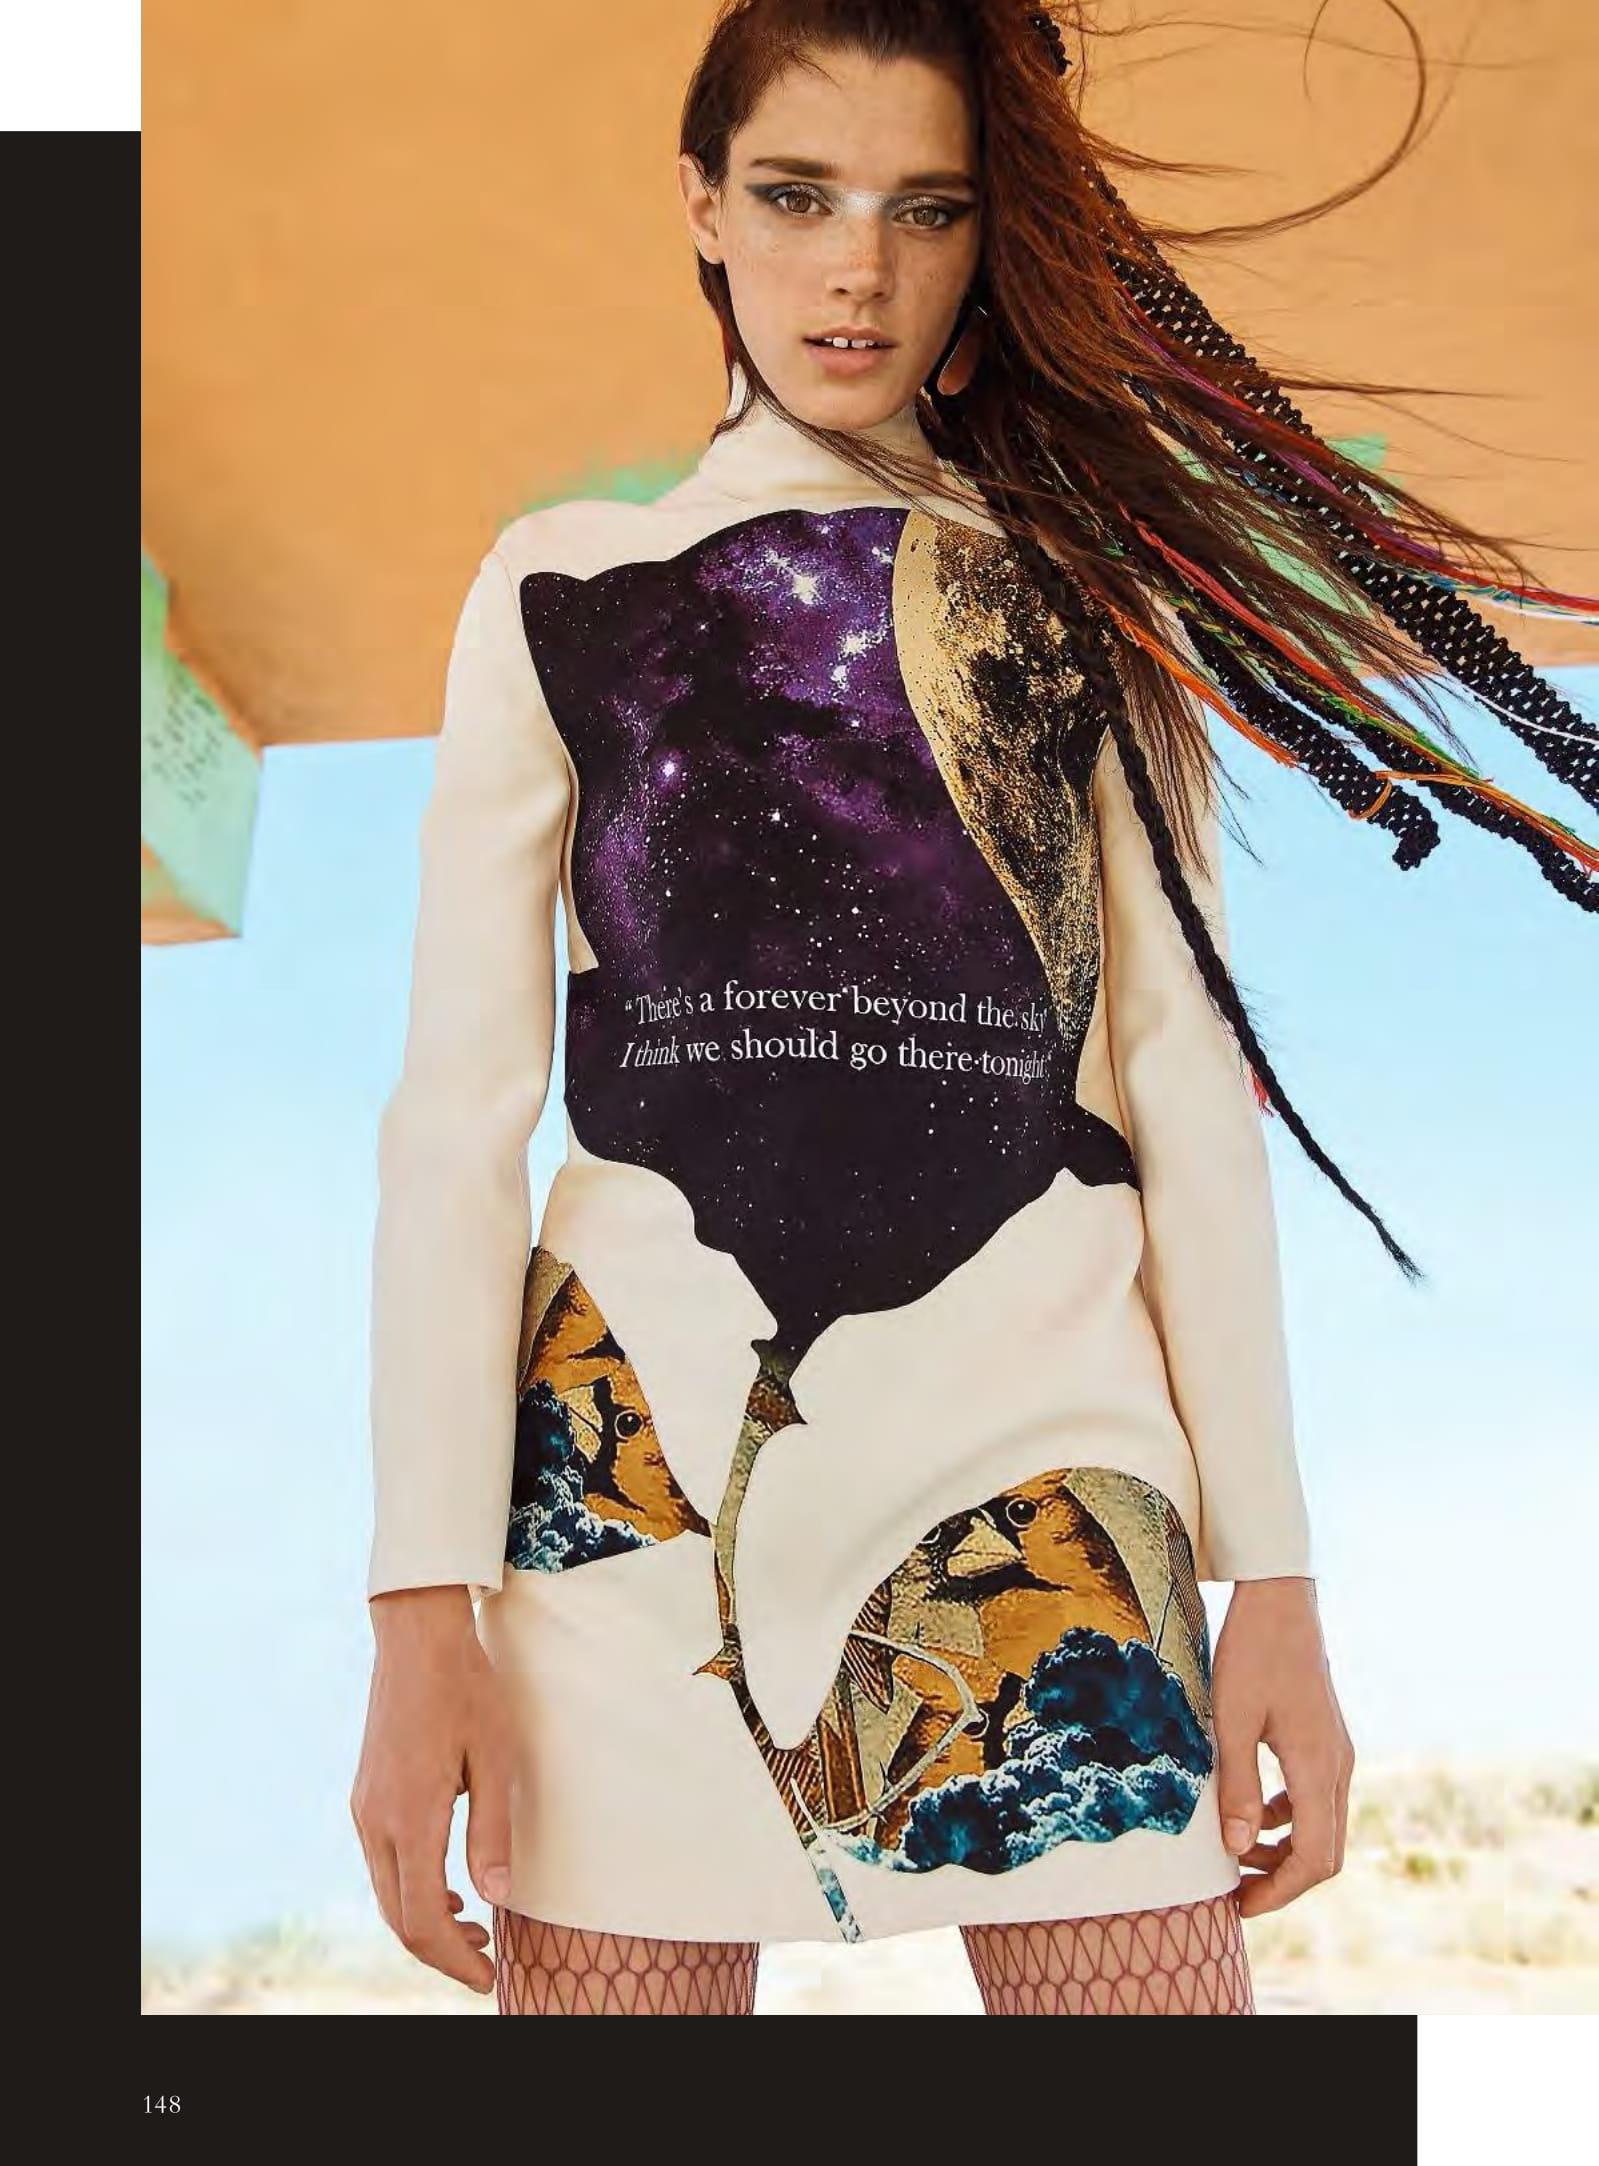 Leila Goldkuhl by Regan Cameron for Harper's Bazaar Germany September 2019 (9).jpg